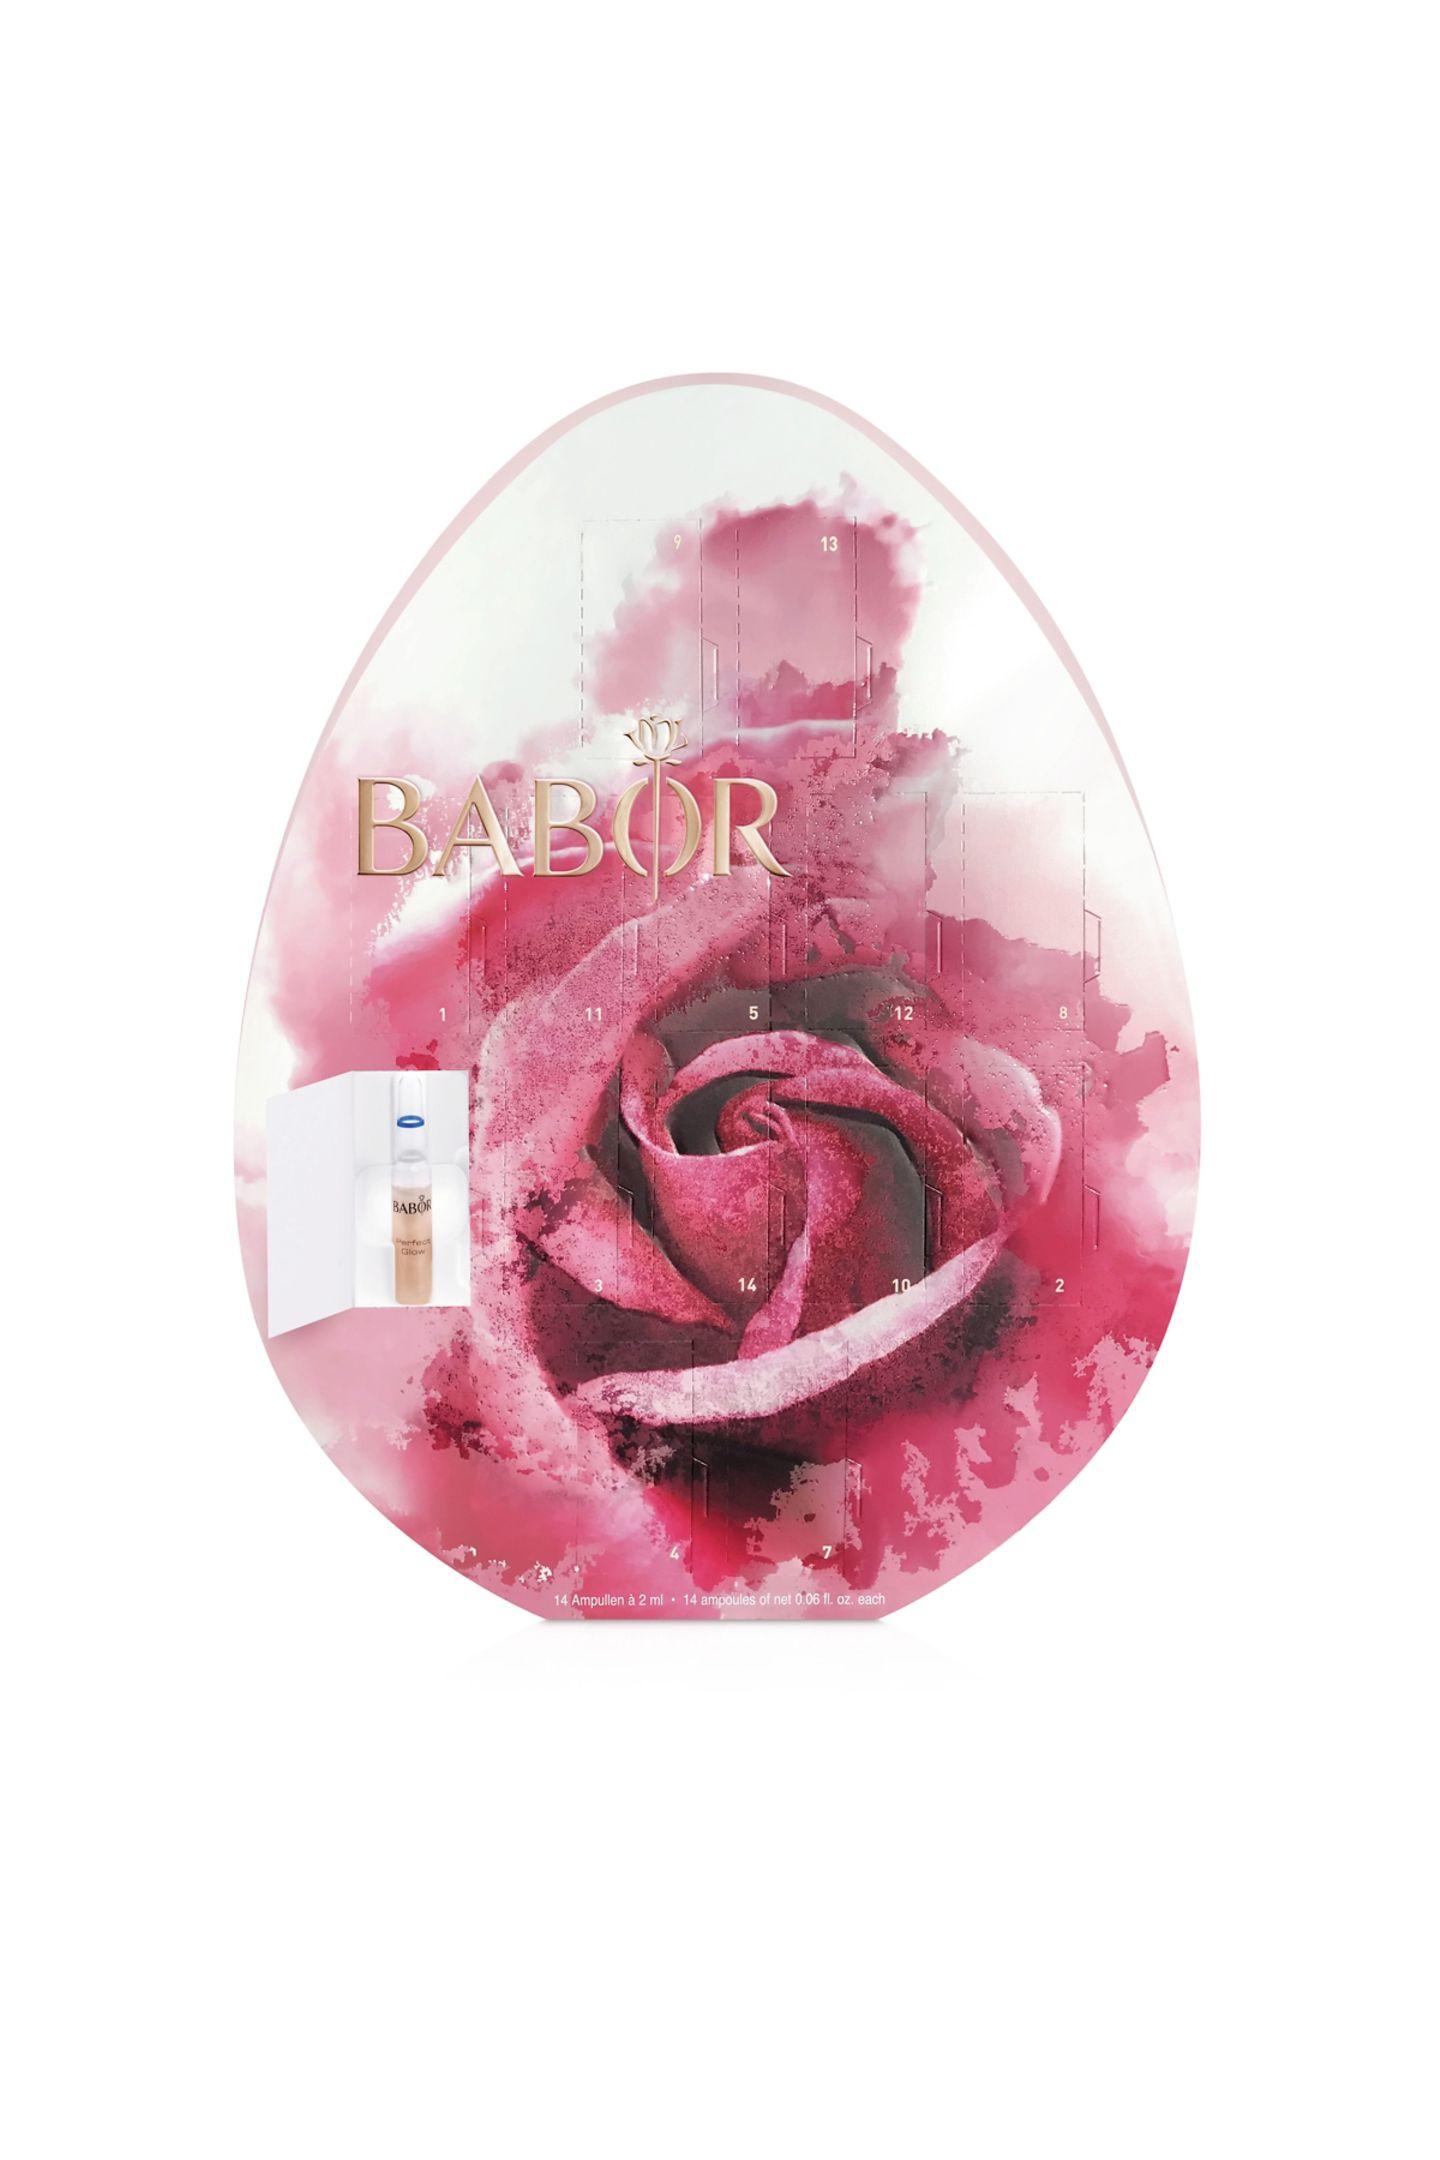 Von diesem Osterei haben Sie länger etwas: Das Ampullen-Osterei von Babor liefert eine luxuriöse 14-Tage-Intensiv-Kur aus 14 kraftvollen Wirkstoffkonzentraten in Ampullen-Form. Ca. 47 Euro.